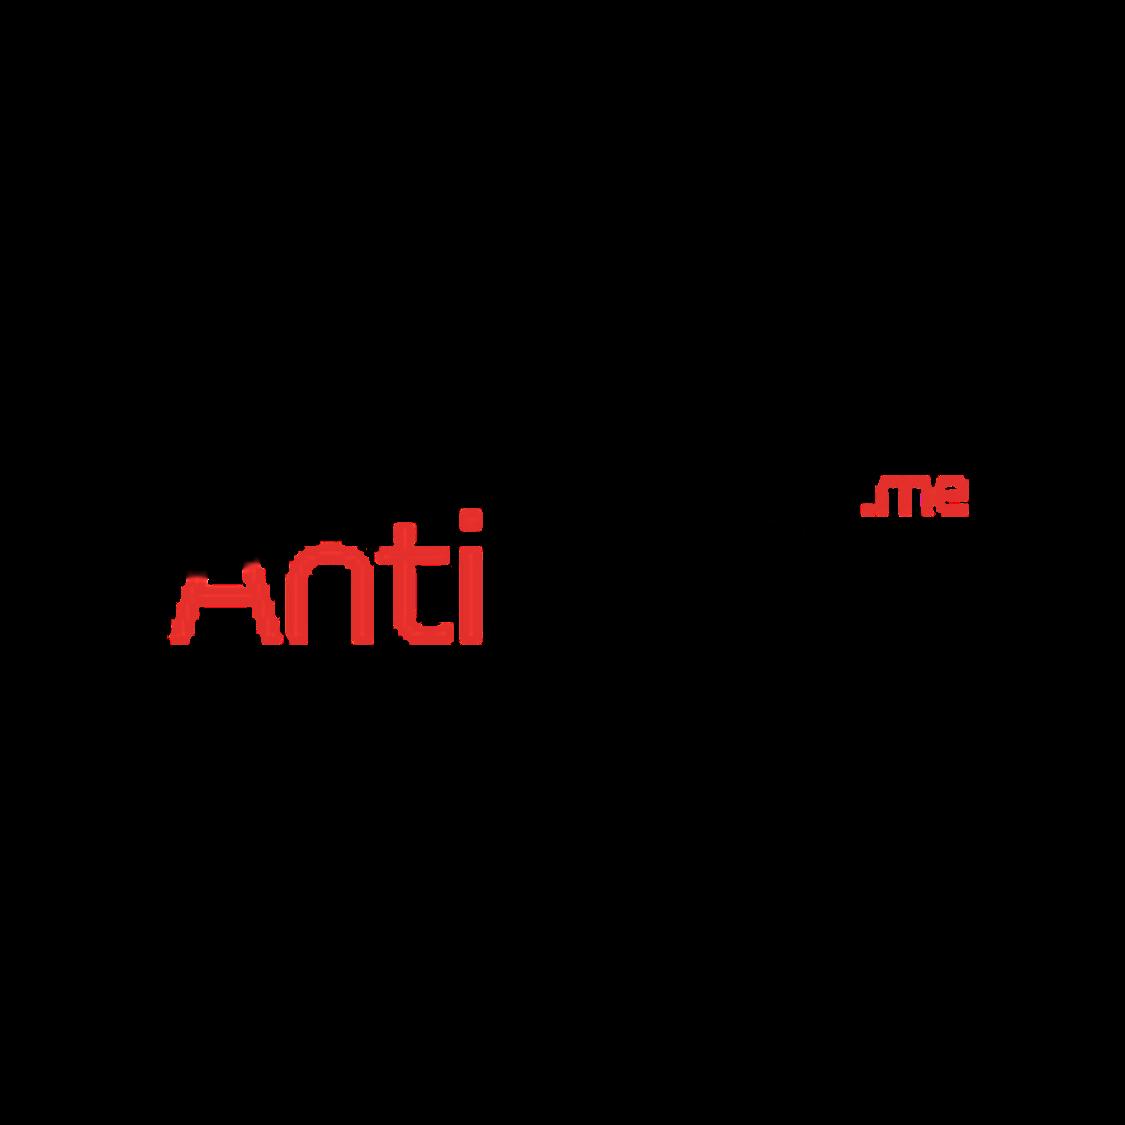 Antihack-logo.png